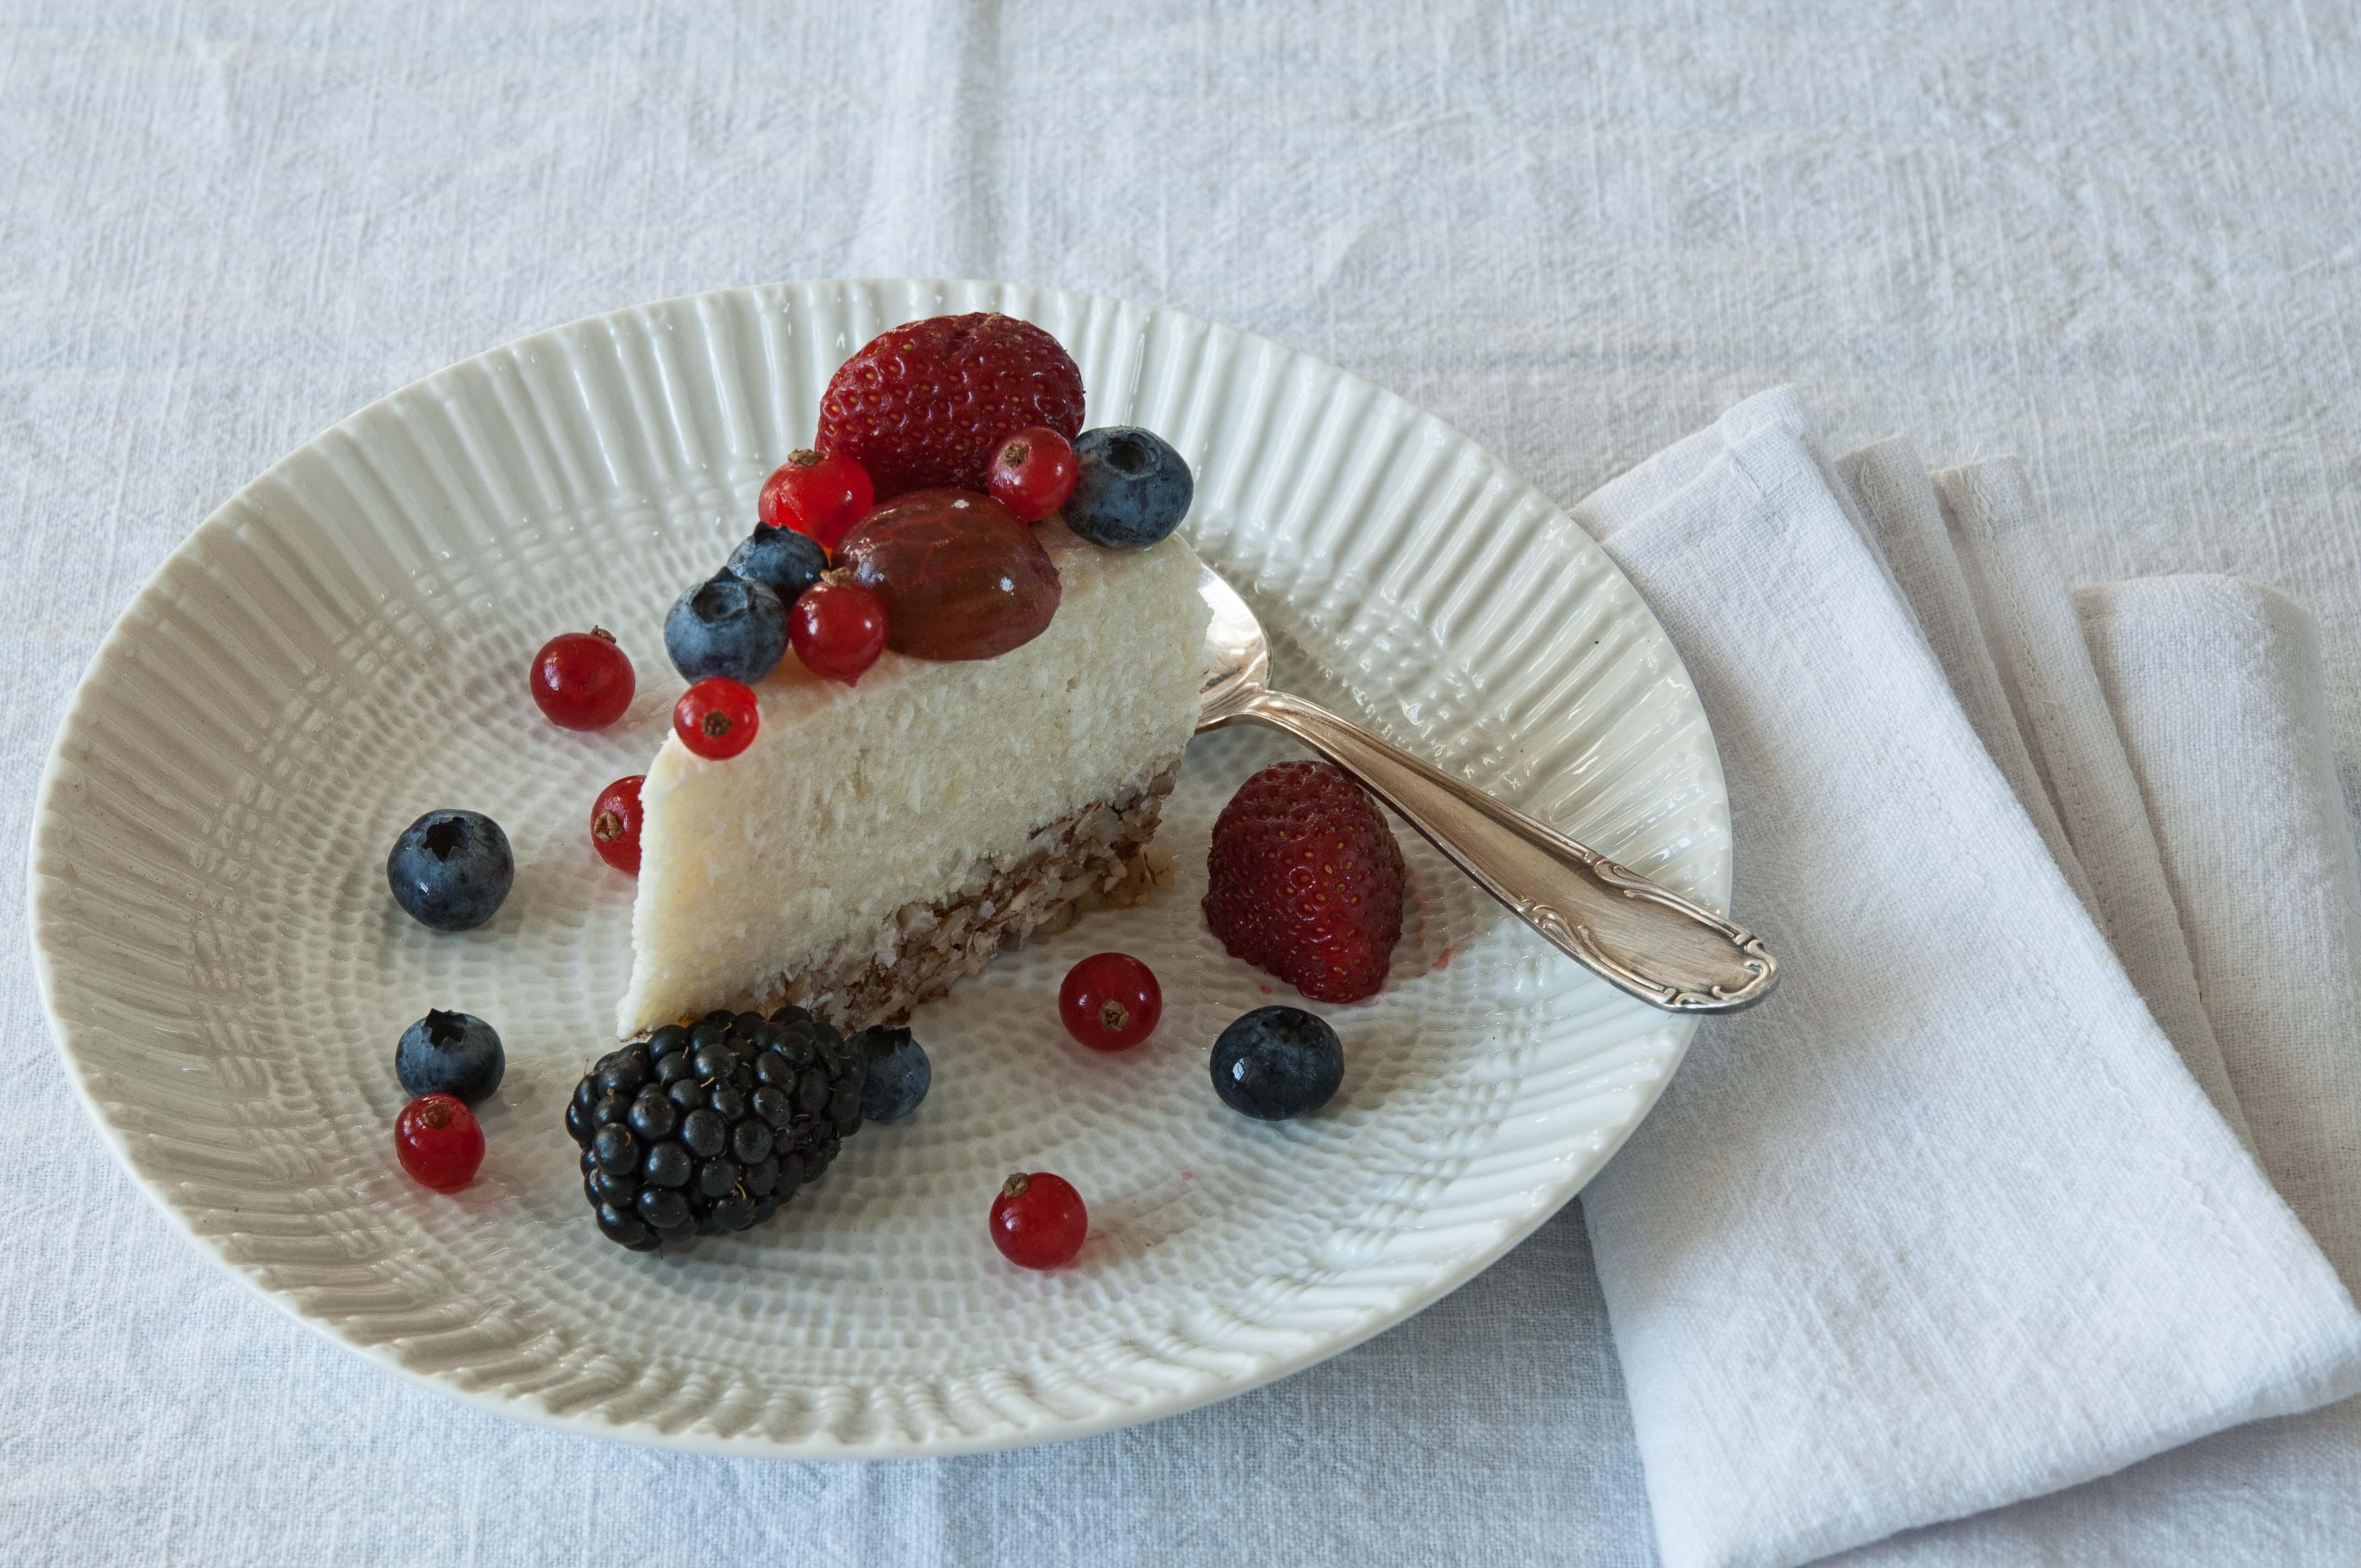 Kokos-Beeren-Torte_Stück_foodographie (1 von 1)